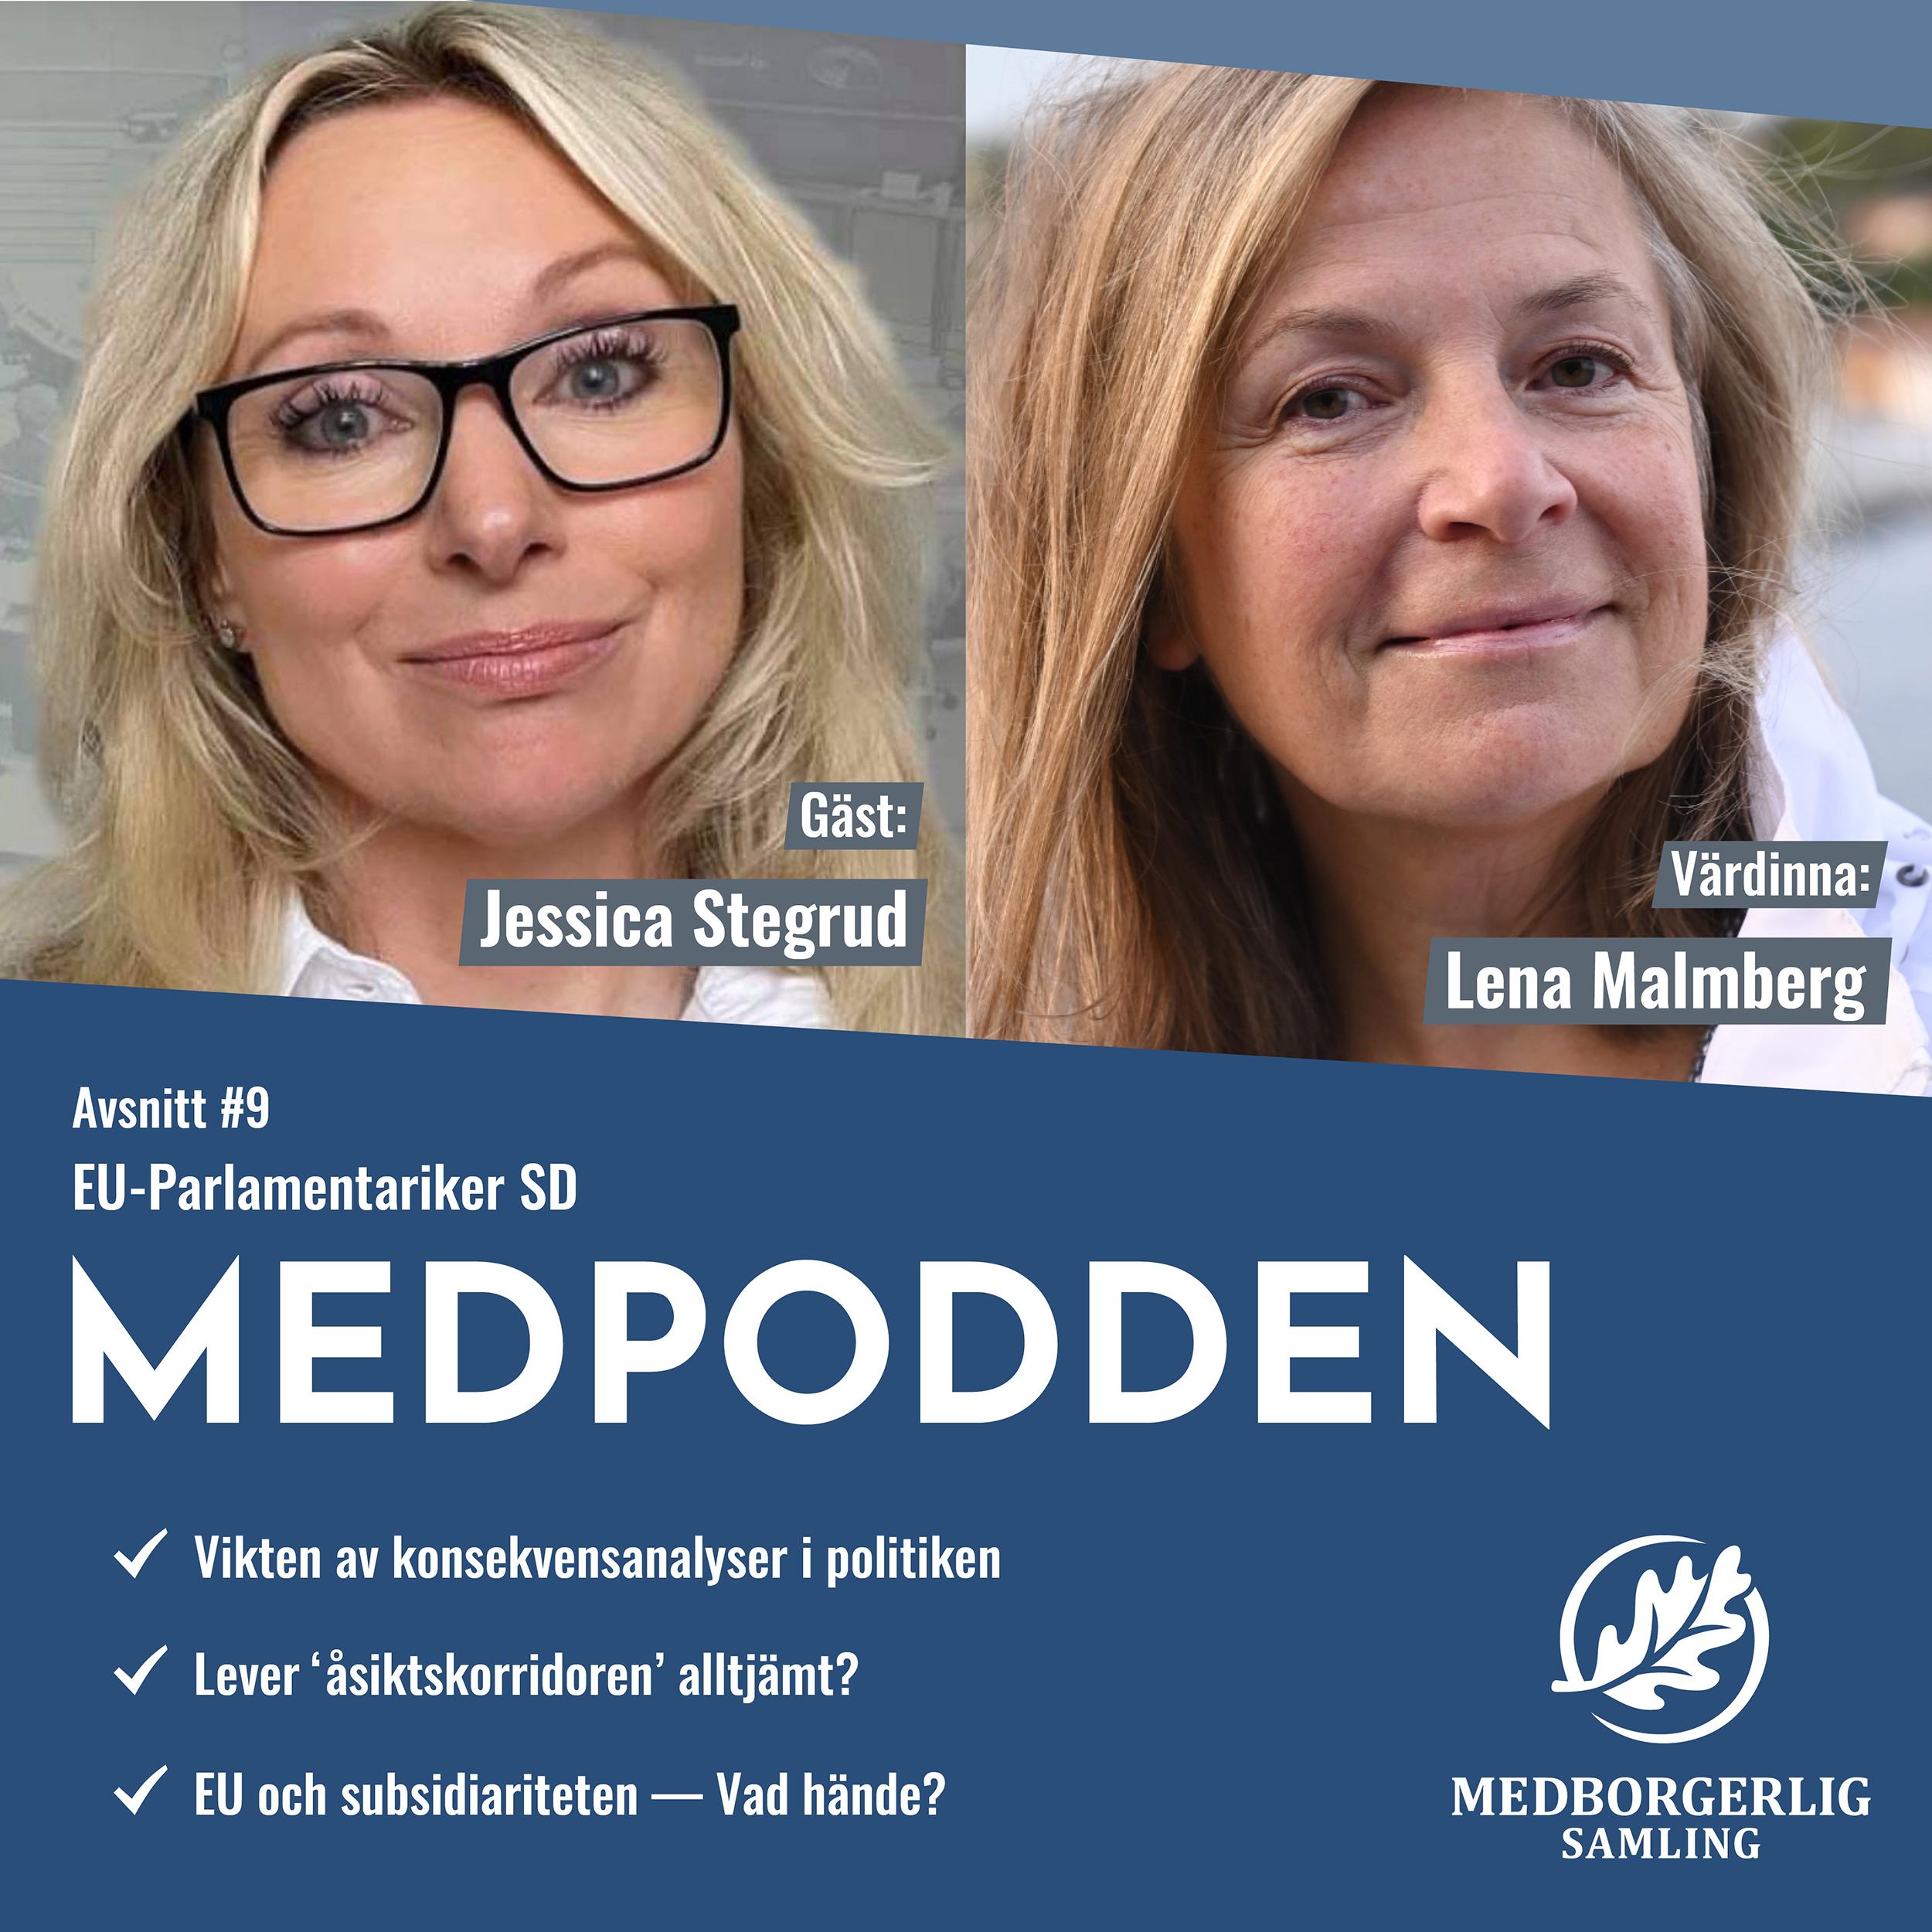 Artwork for podcast MEDPODDEN